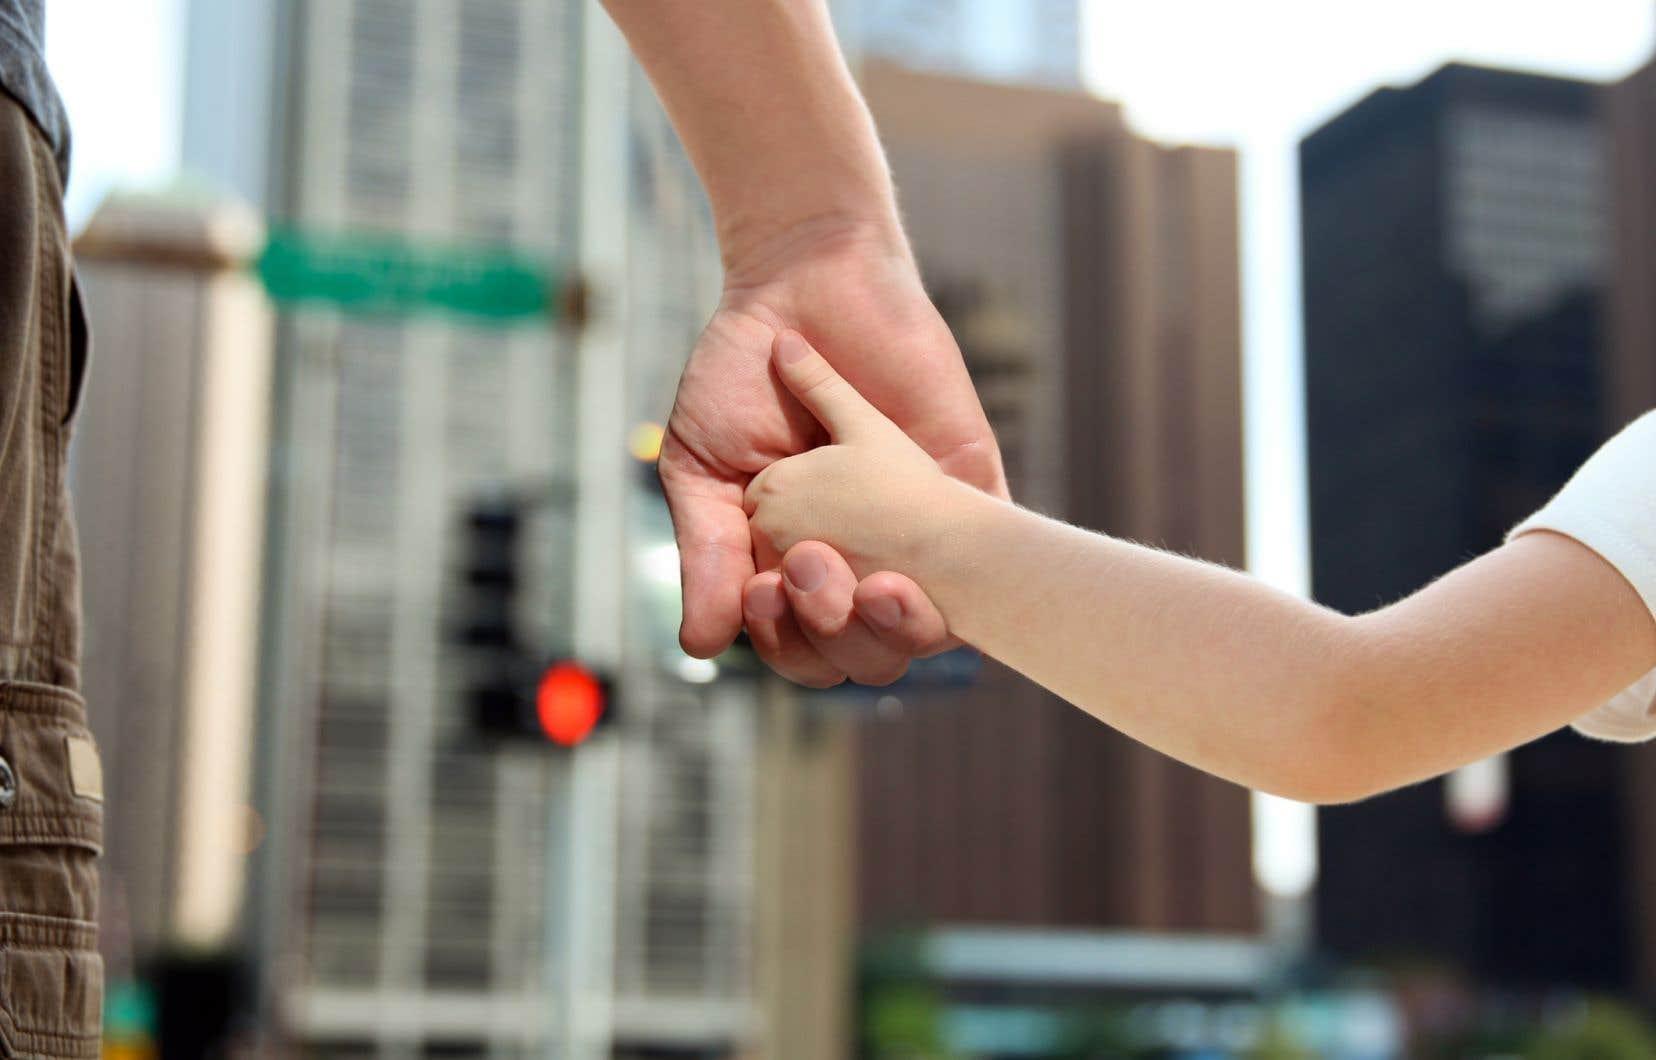 «La recherche sociale révèle qu'aider les hommes, c'est également aider les enfants, les femmes et la société», souligne l'auteur.